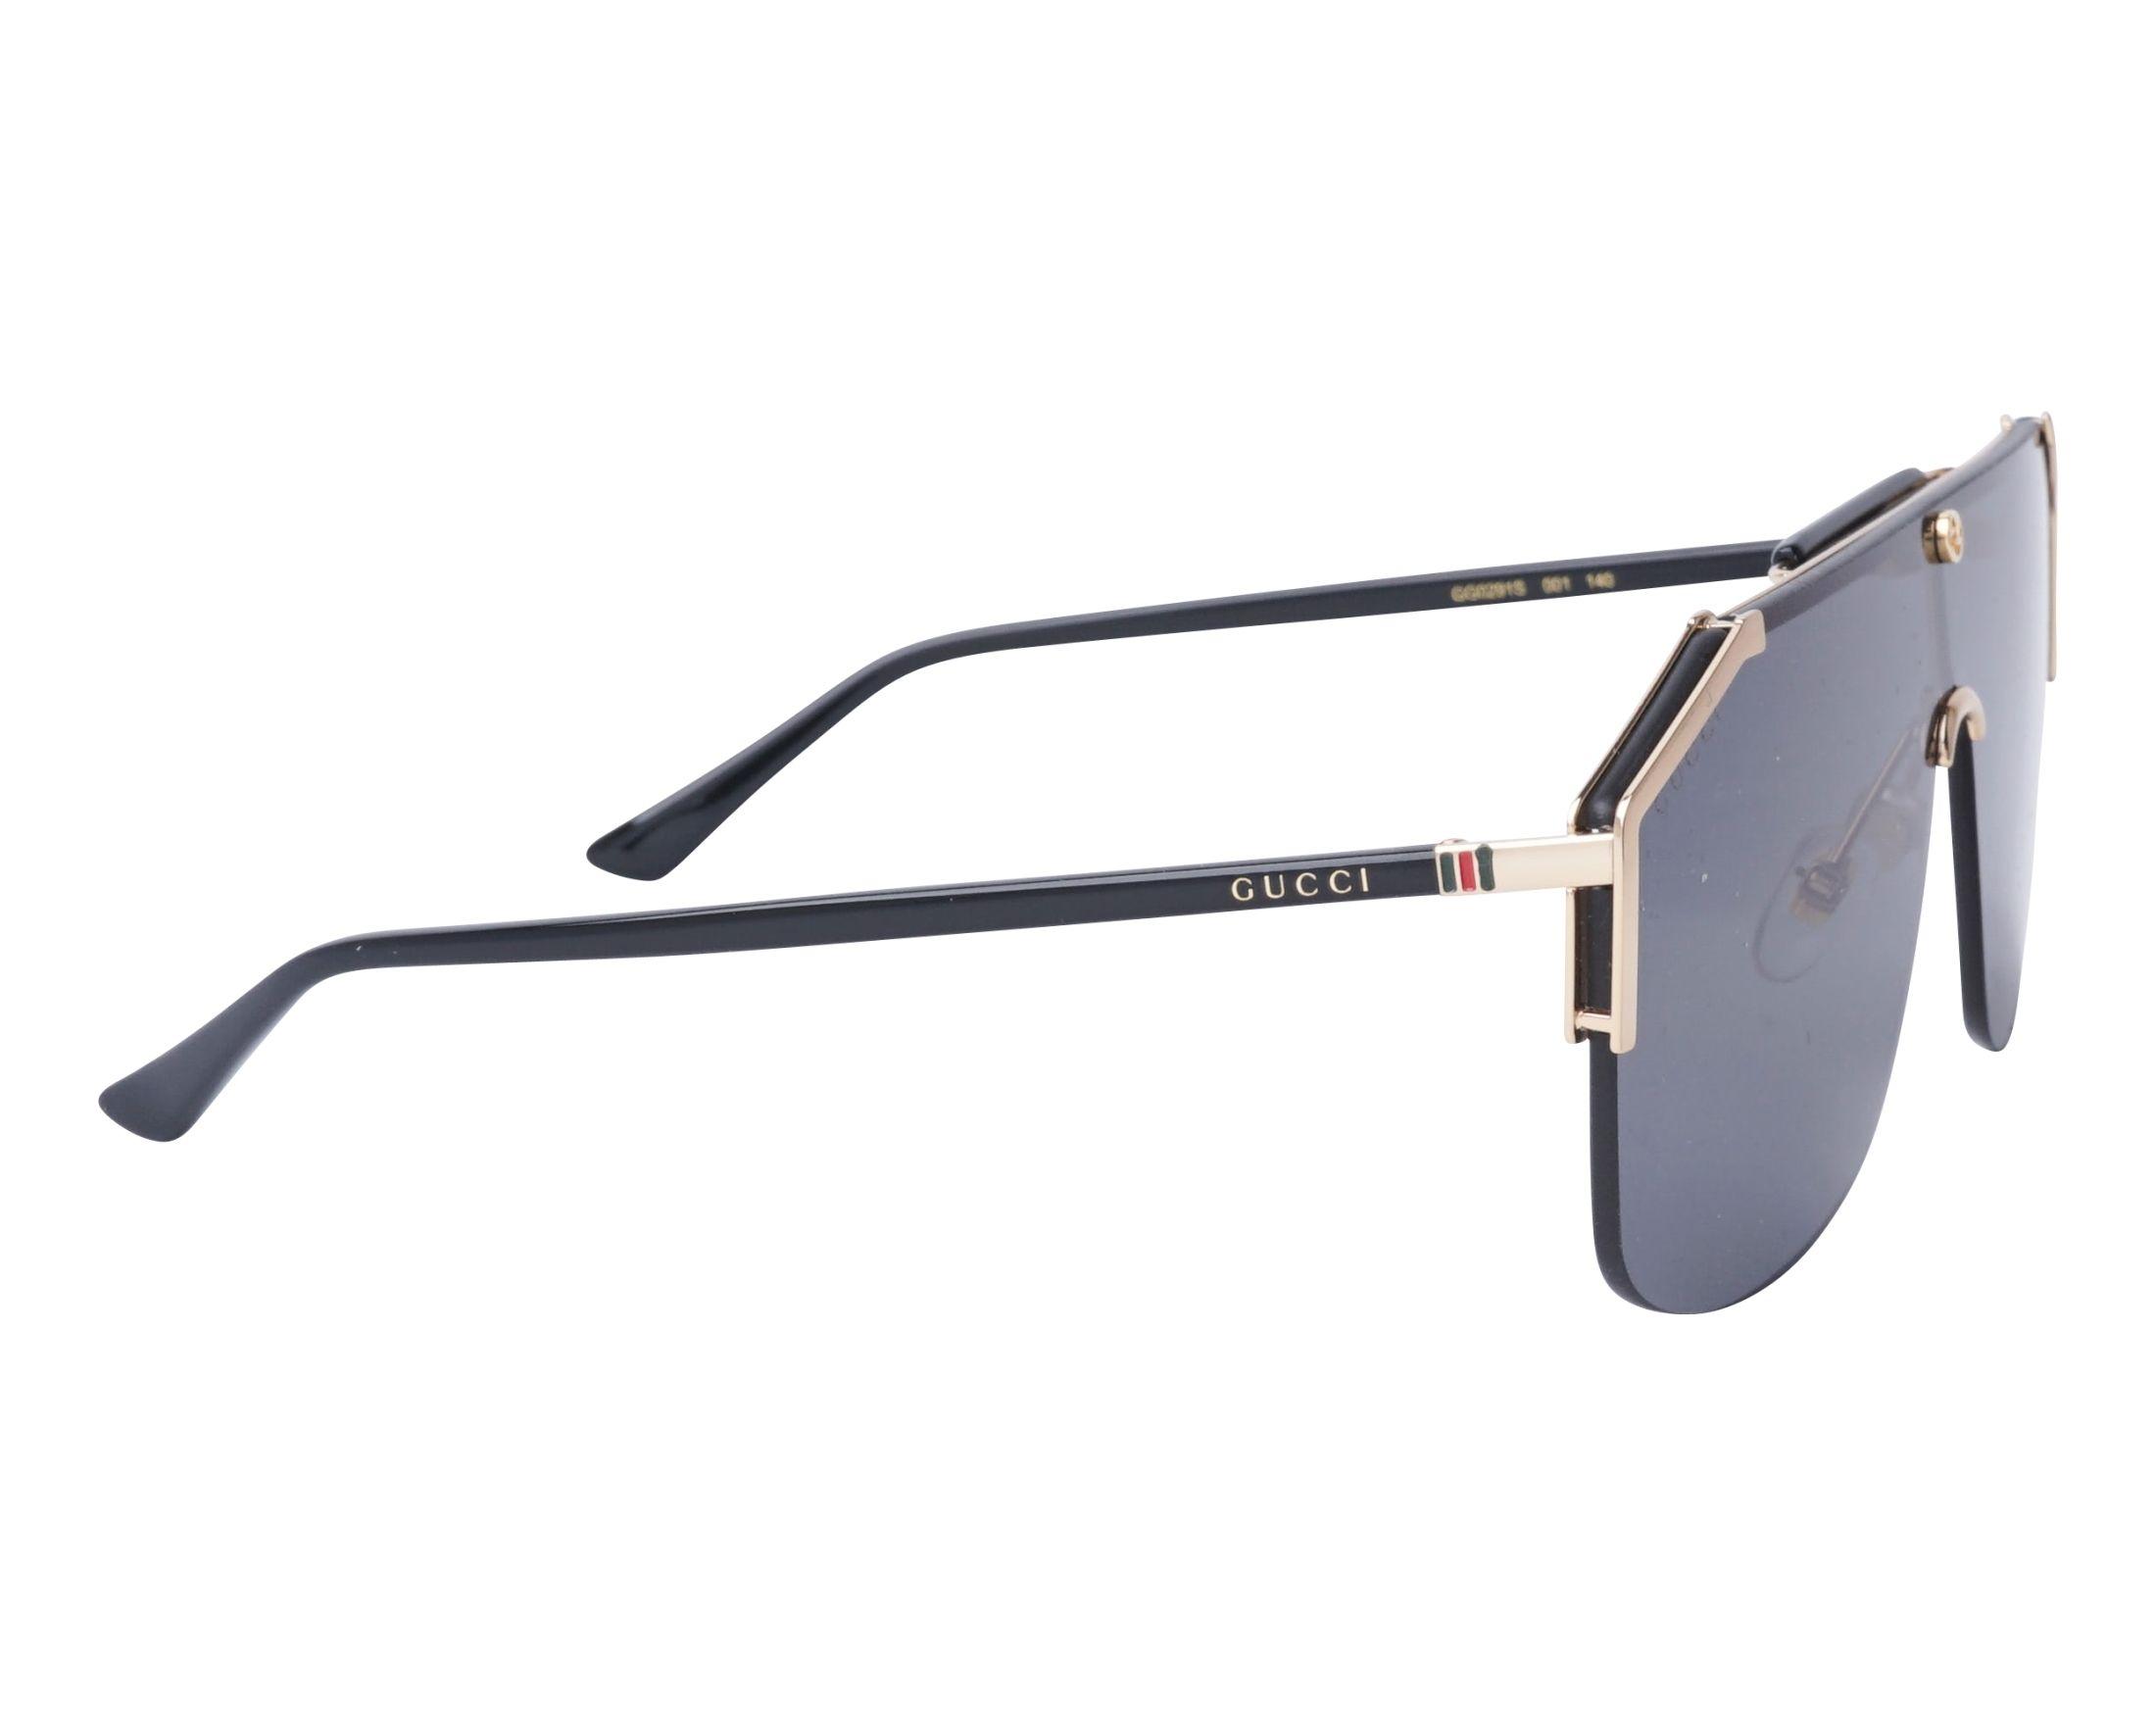 1e0d7921c7 Sunglasses Gucci GG-0291-S 001 - Gold Black side view